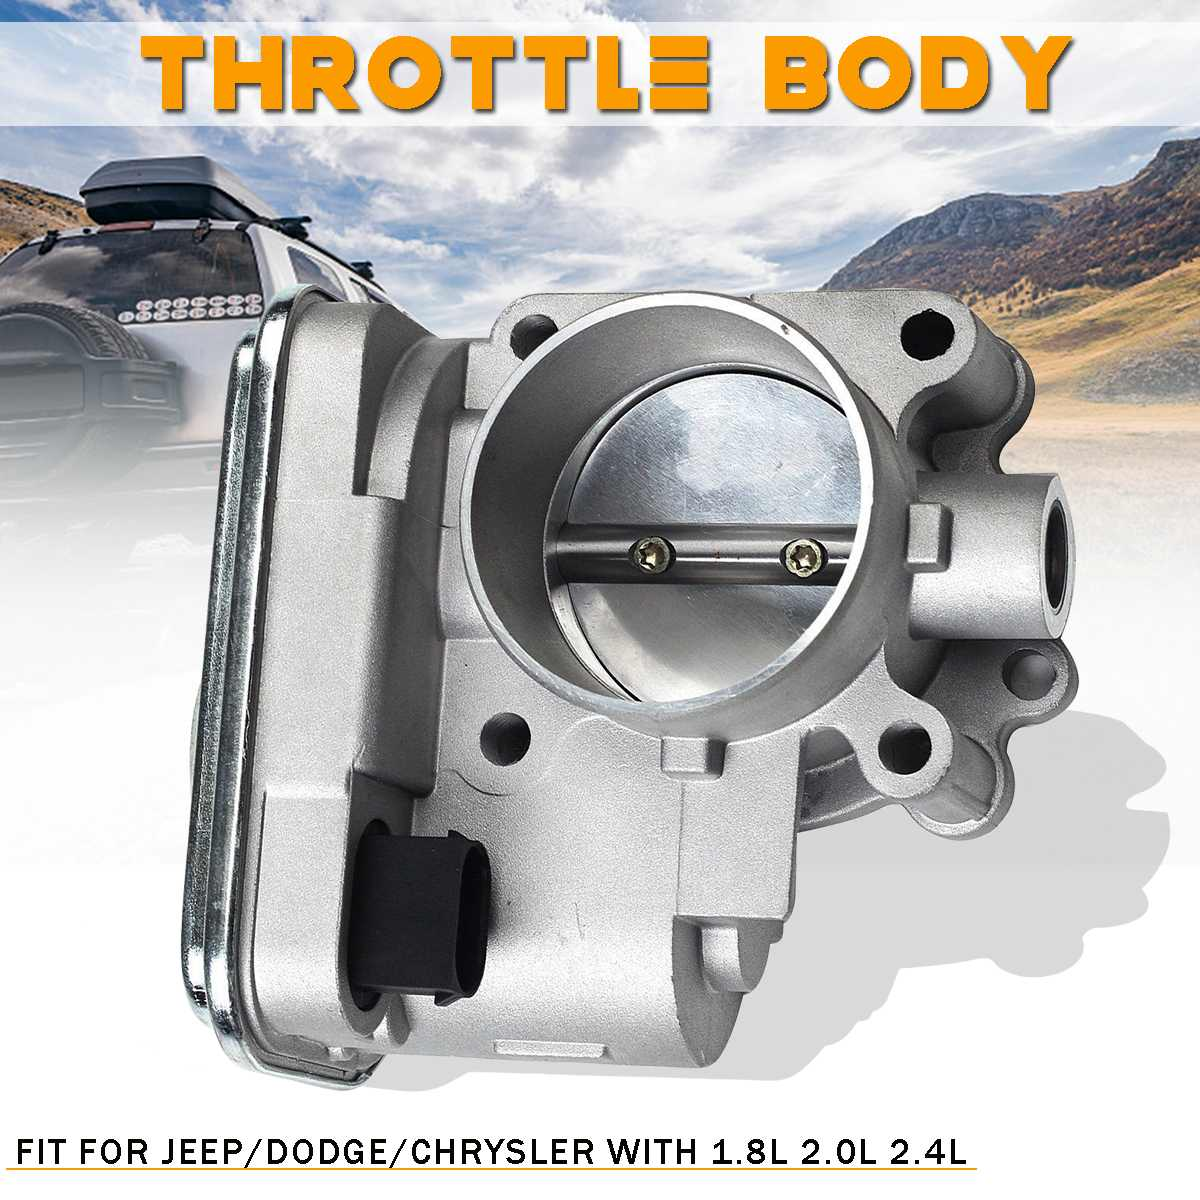 جسم خانق كامل لسيارة جيب/كرايسلر/دودج/كومباس/عيار 4884551AA 04891735AC قطع غيار السيارات 1.8L 2.0L 2.4L